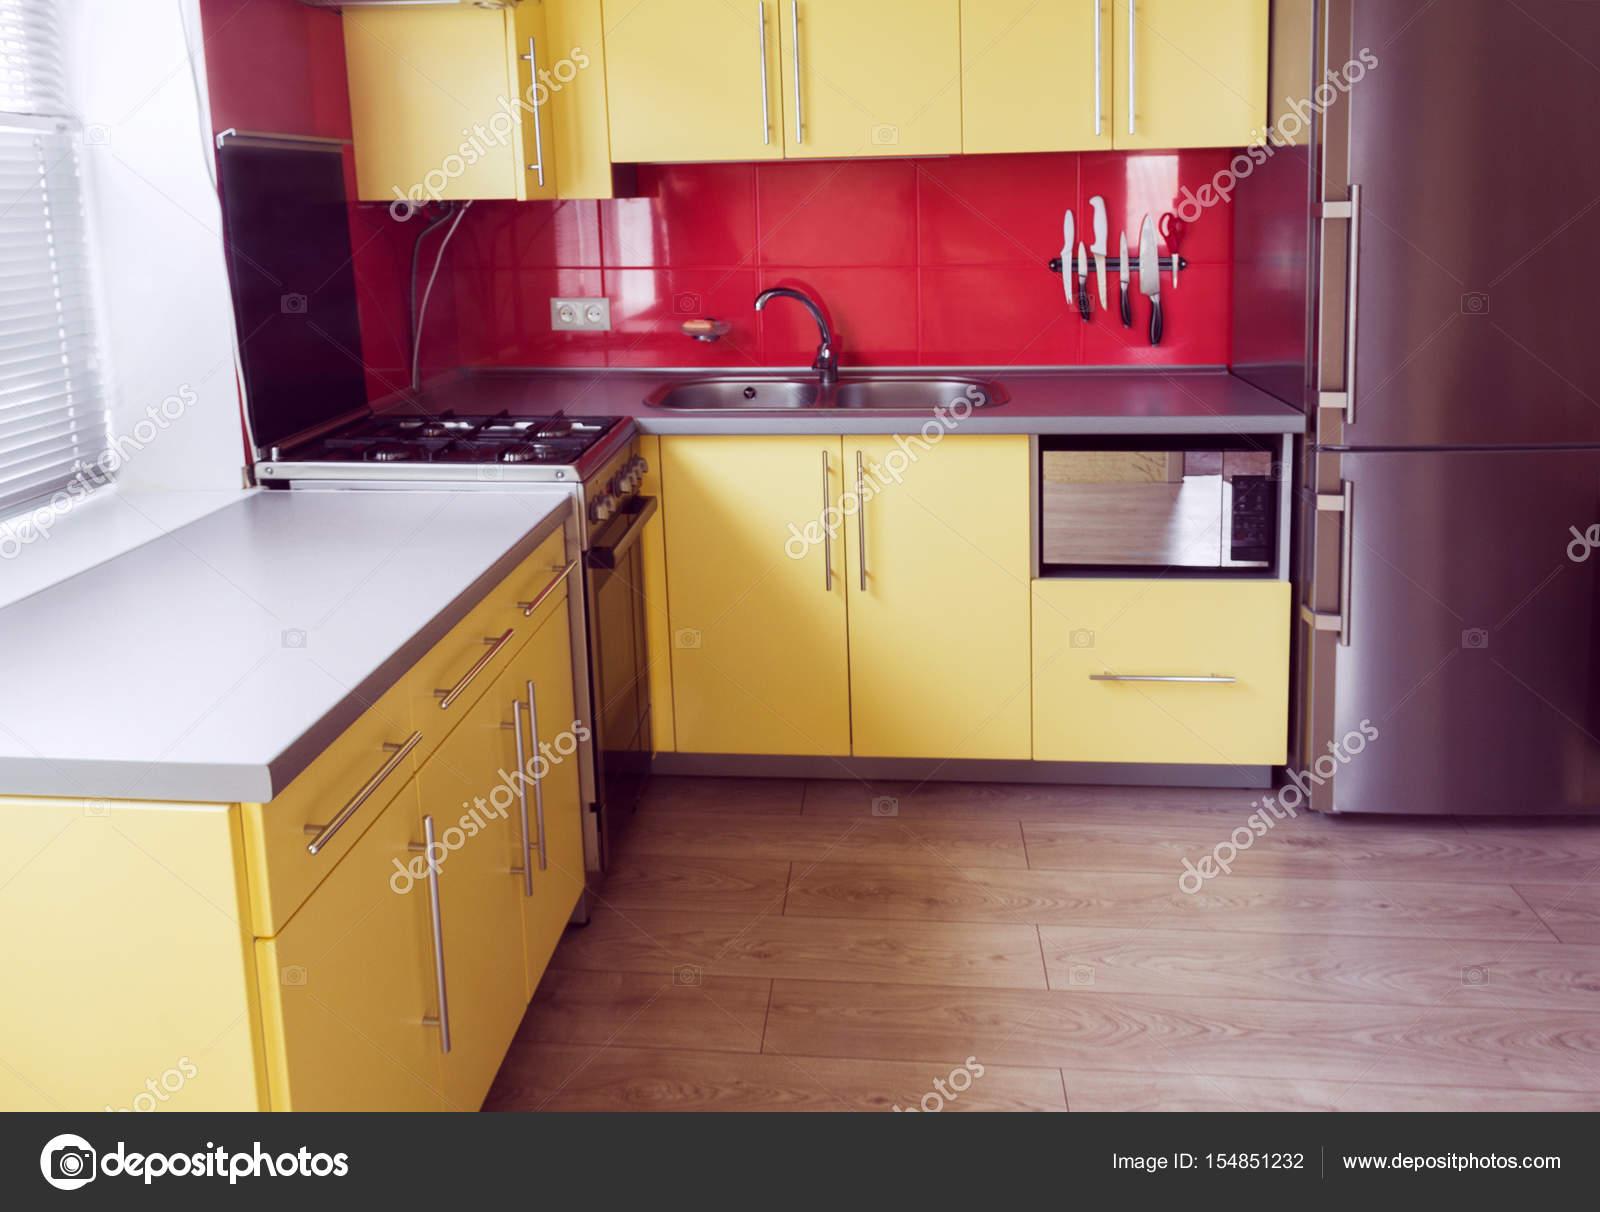 Armadio A Muro Per Cucina.Cucina Gialla Con Armadi A Muro Finestra In Laminato Foto Stock